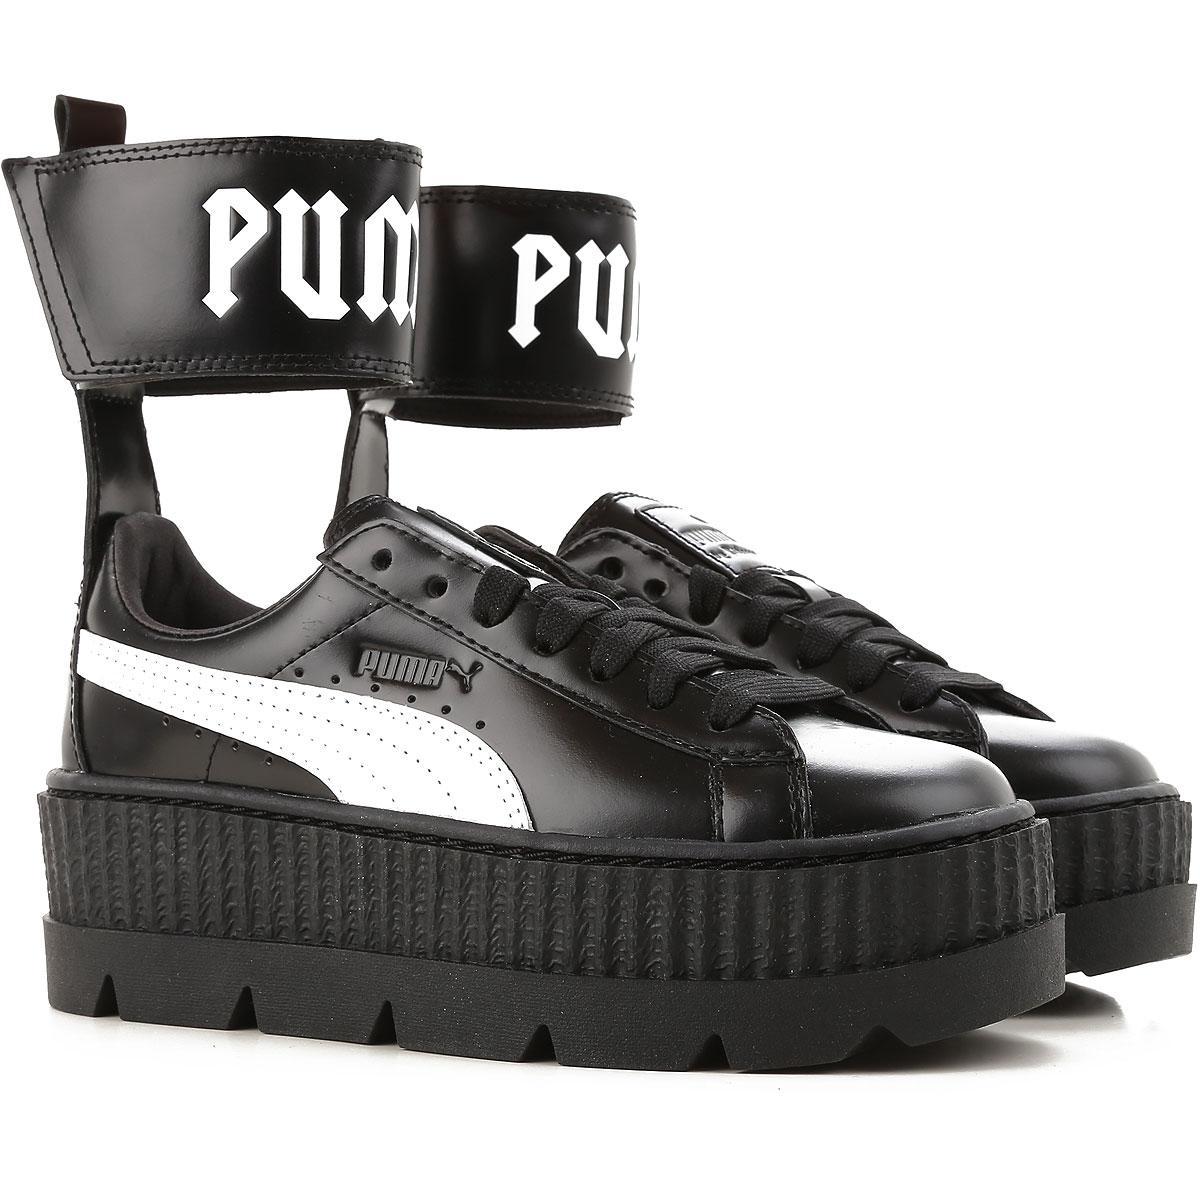 55b327cbdf64 Chaussures Femme Pas cher en Soldes Outlet PUMA en coloris Noir - Lyst